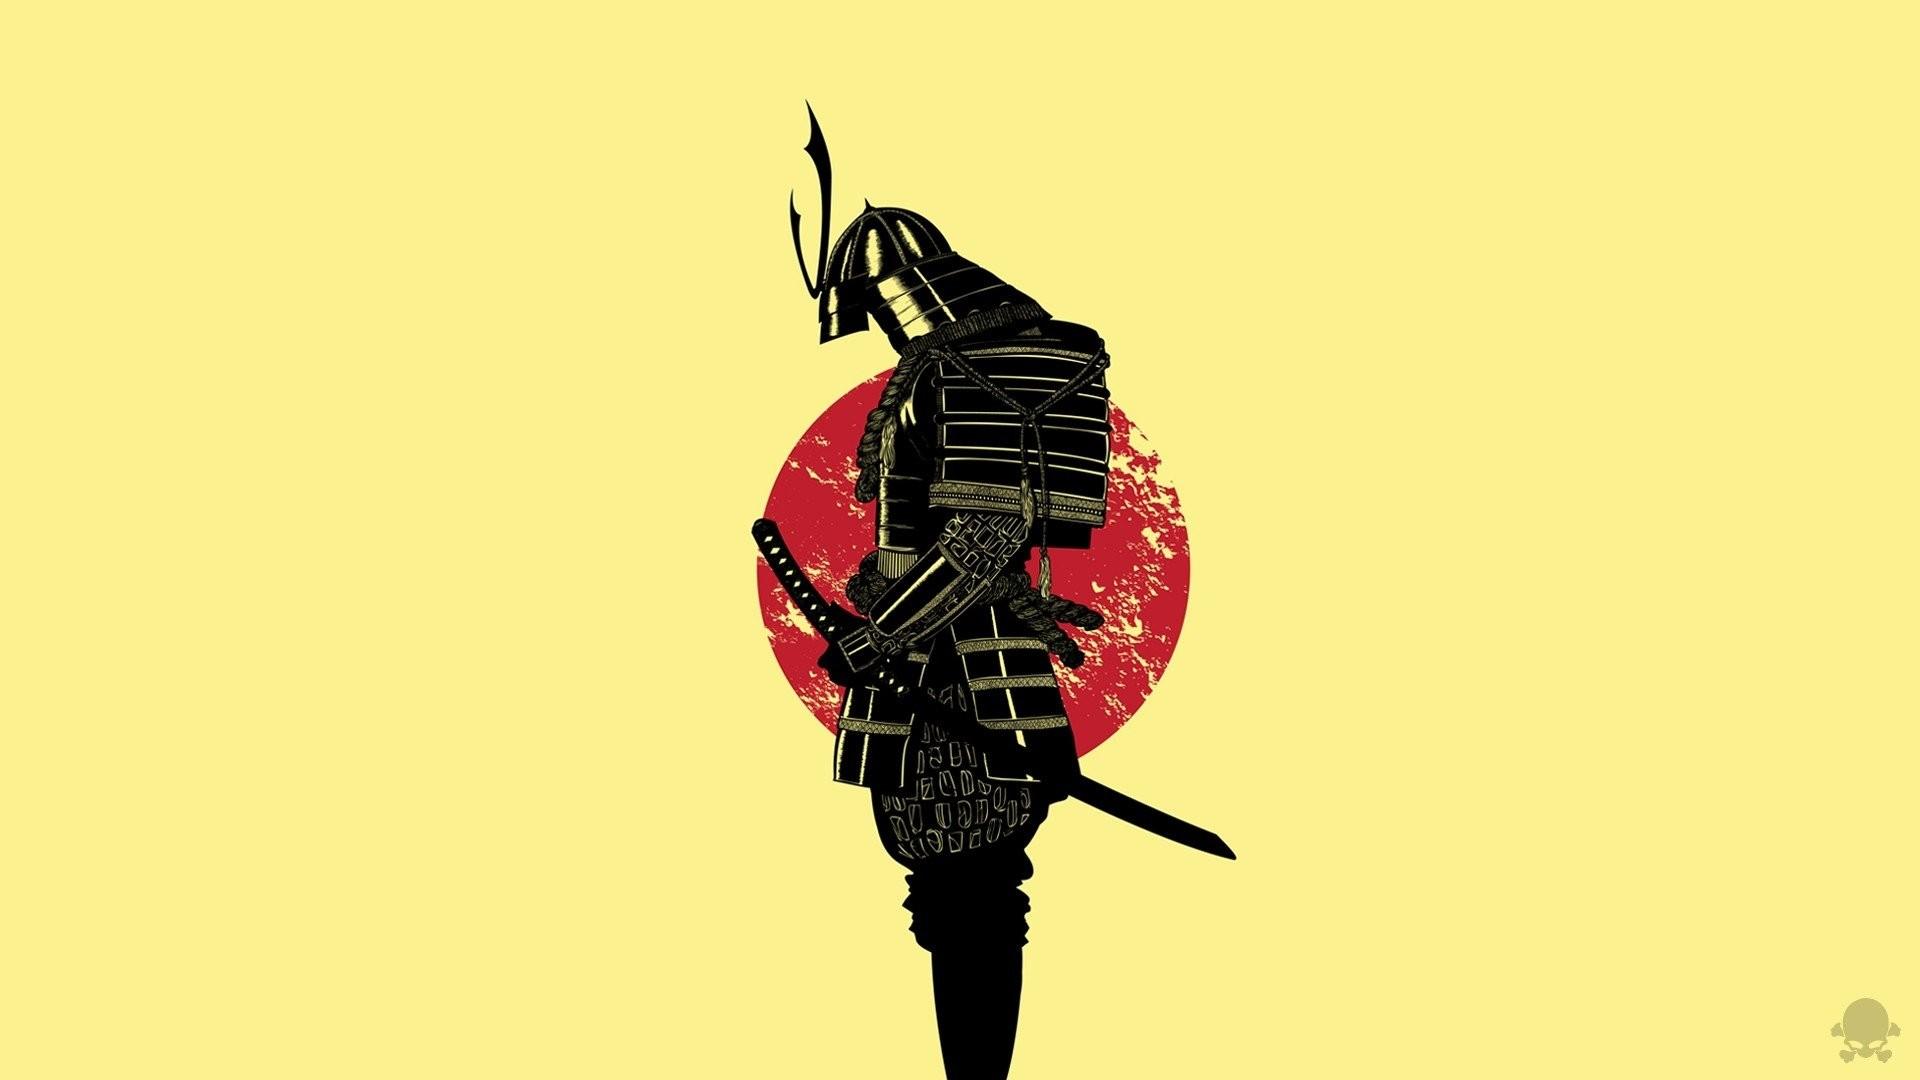 Artwork Black Design Digital Art Gaks Designs Illustrations Japan  Minimalistic Red Samurai Vectors Yellow